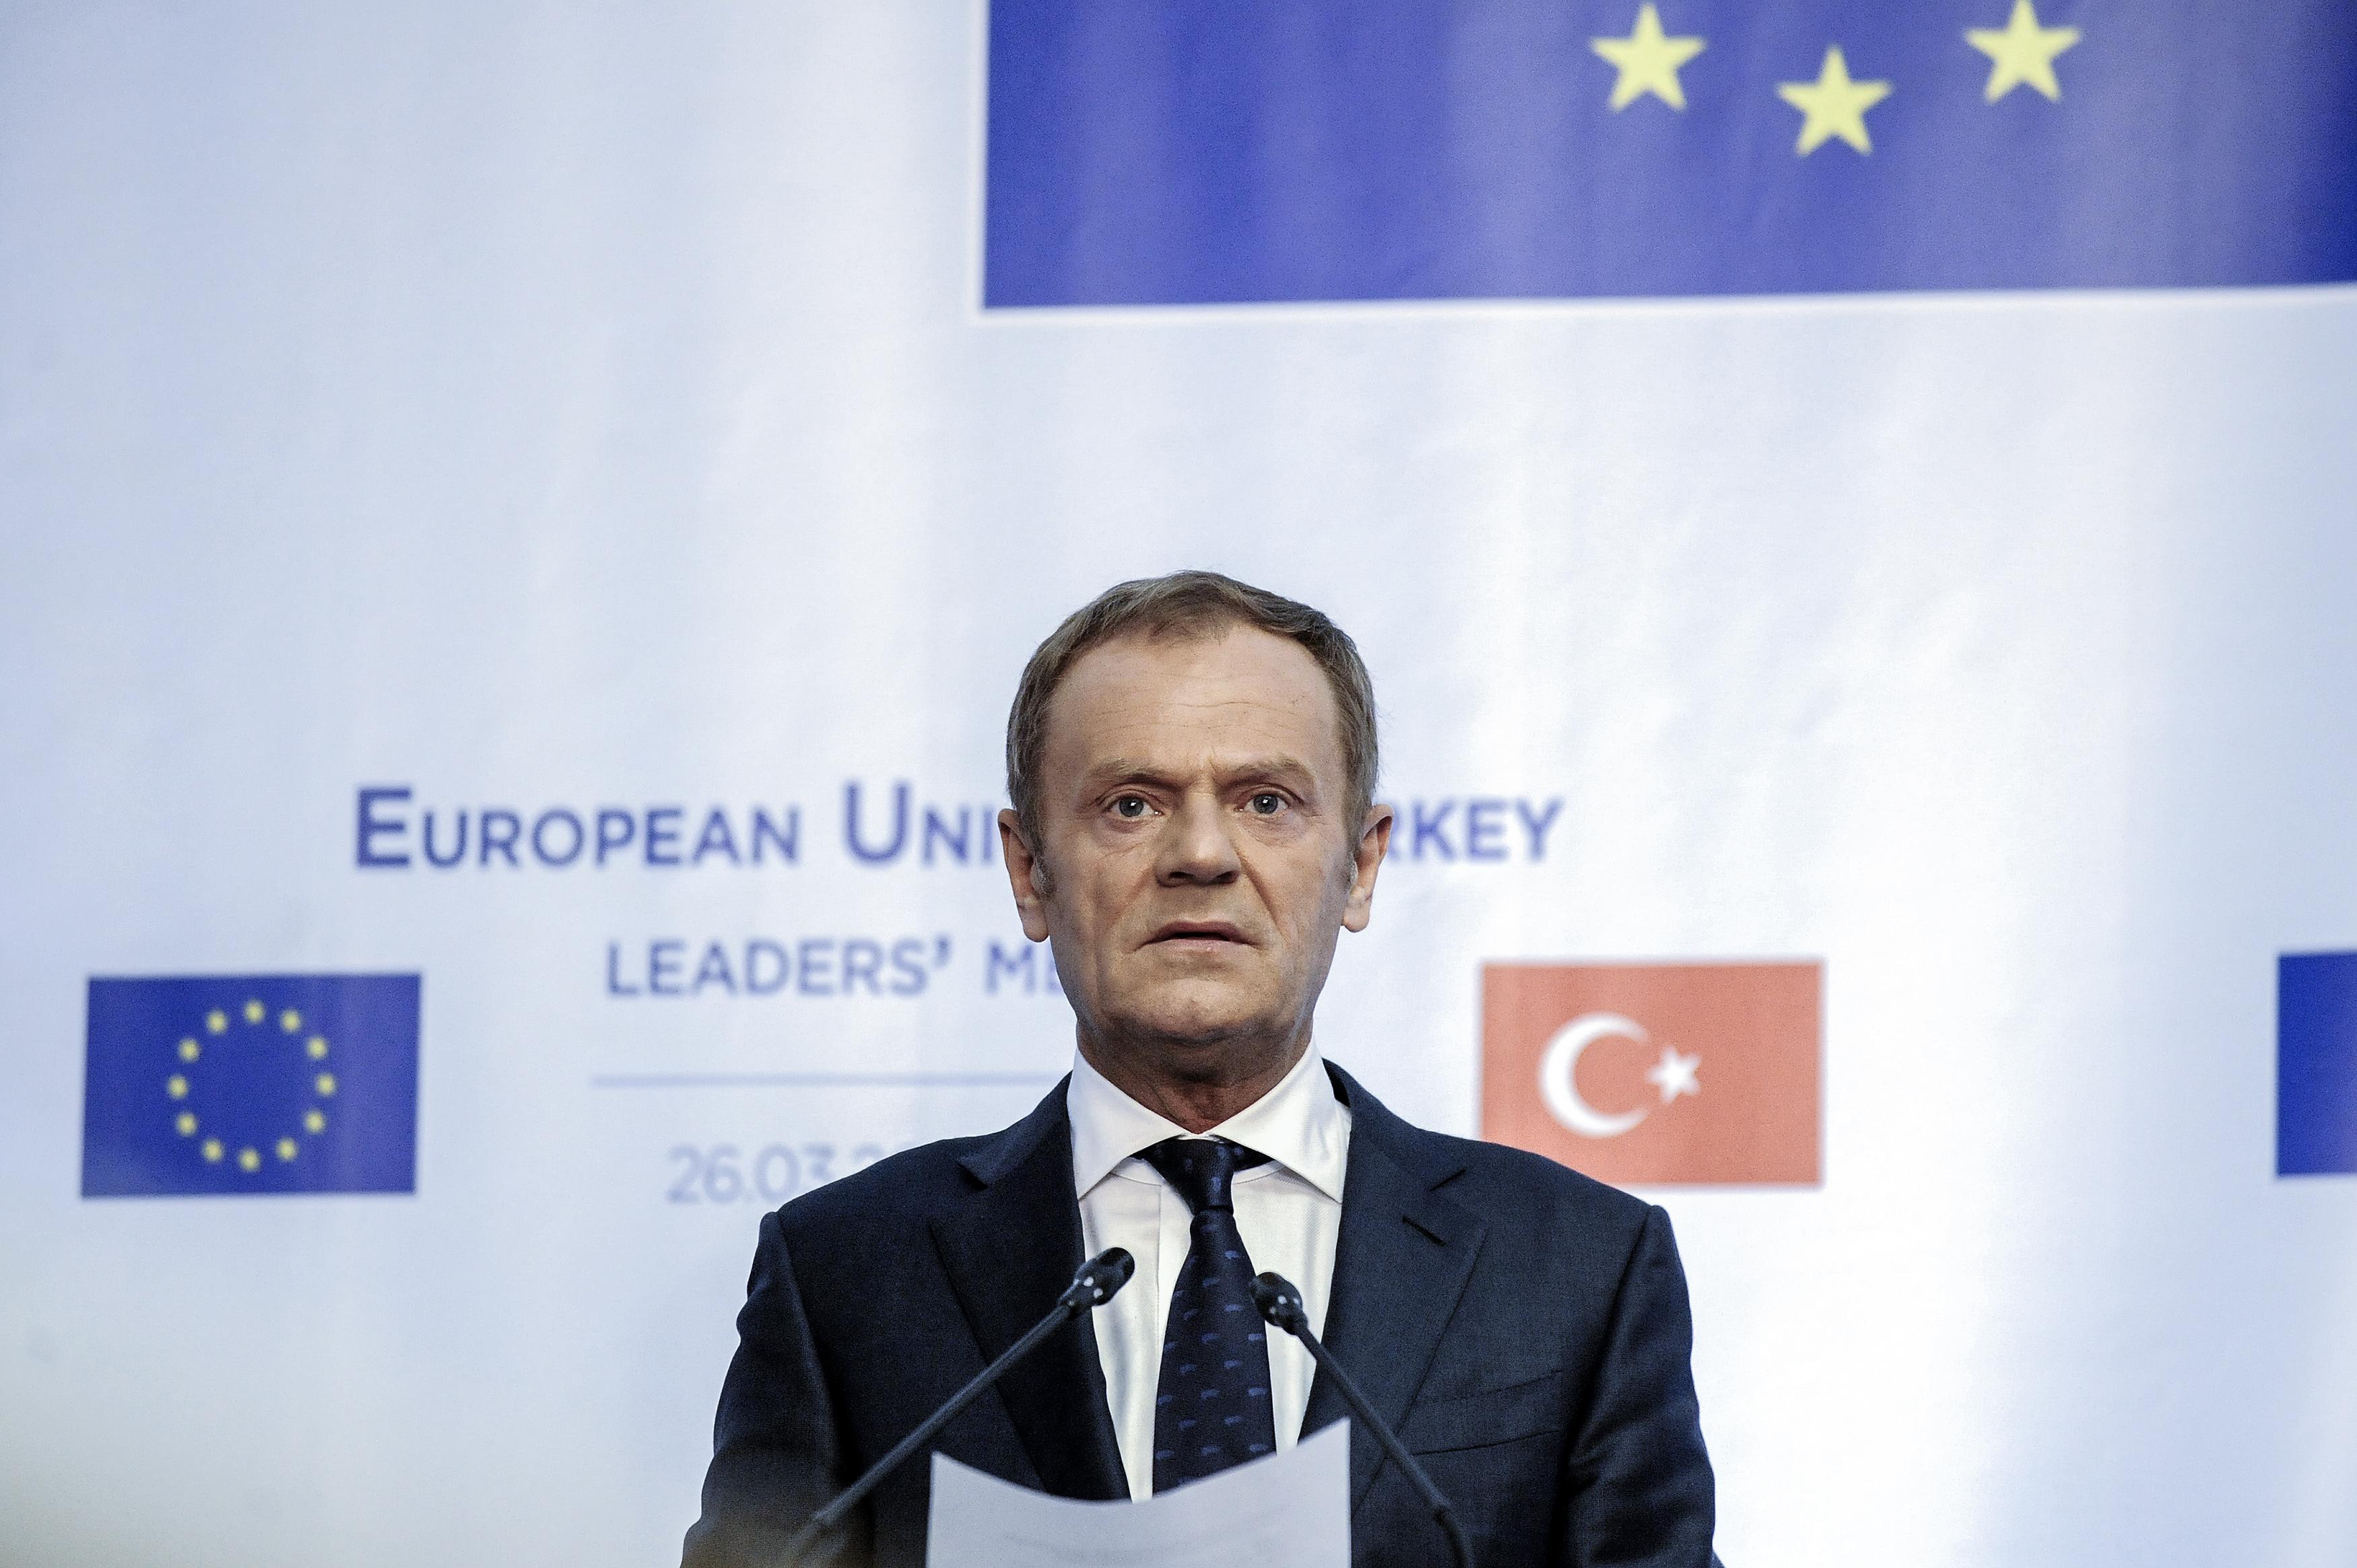 Ο Ντόναλντ Τουσκ καλεί το ΕΛΚ να διώξει το κόμμα του Όρμπαν